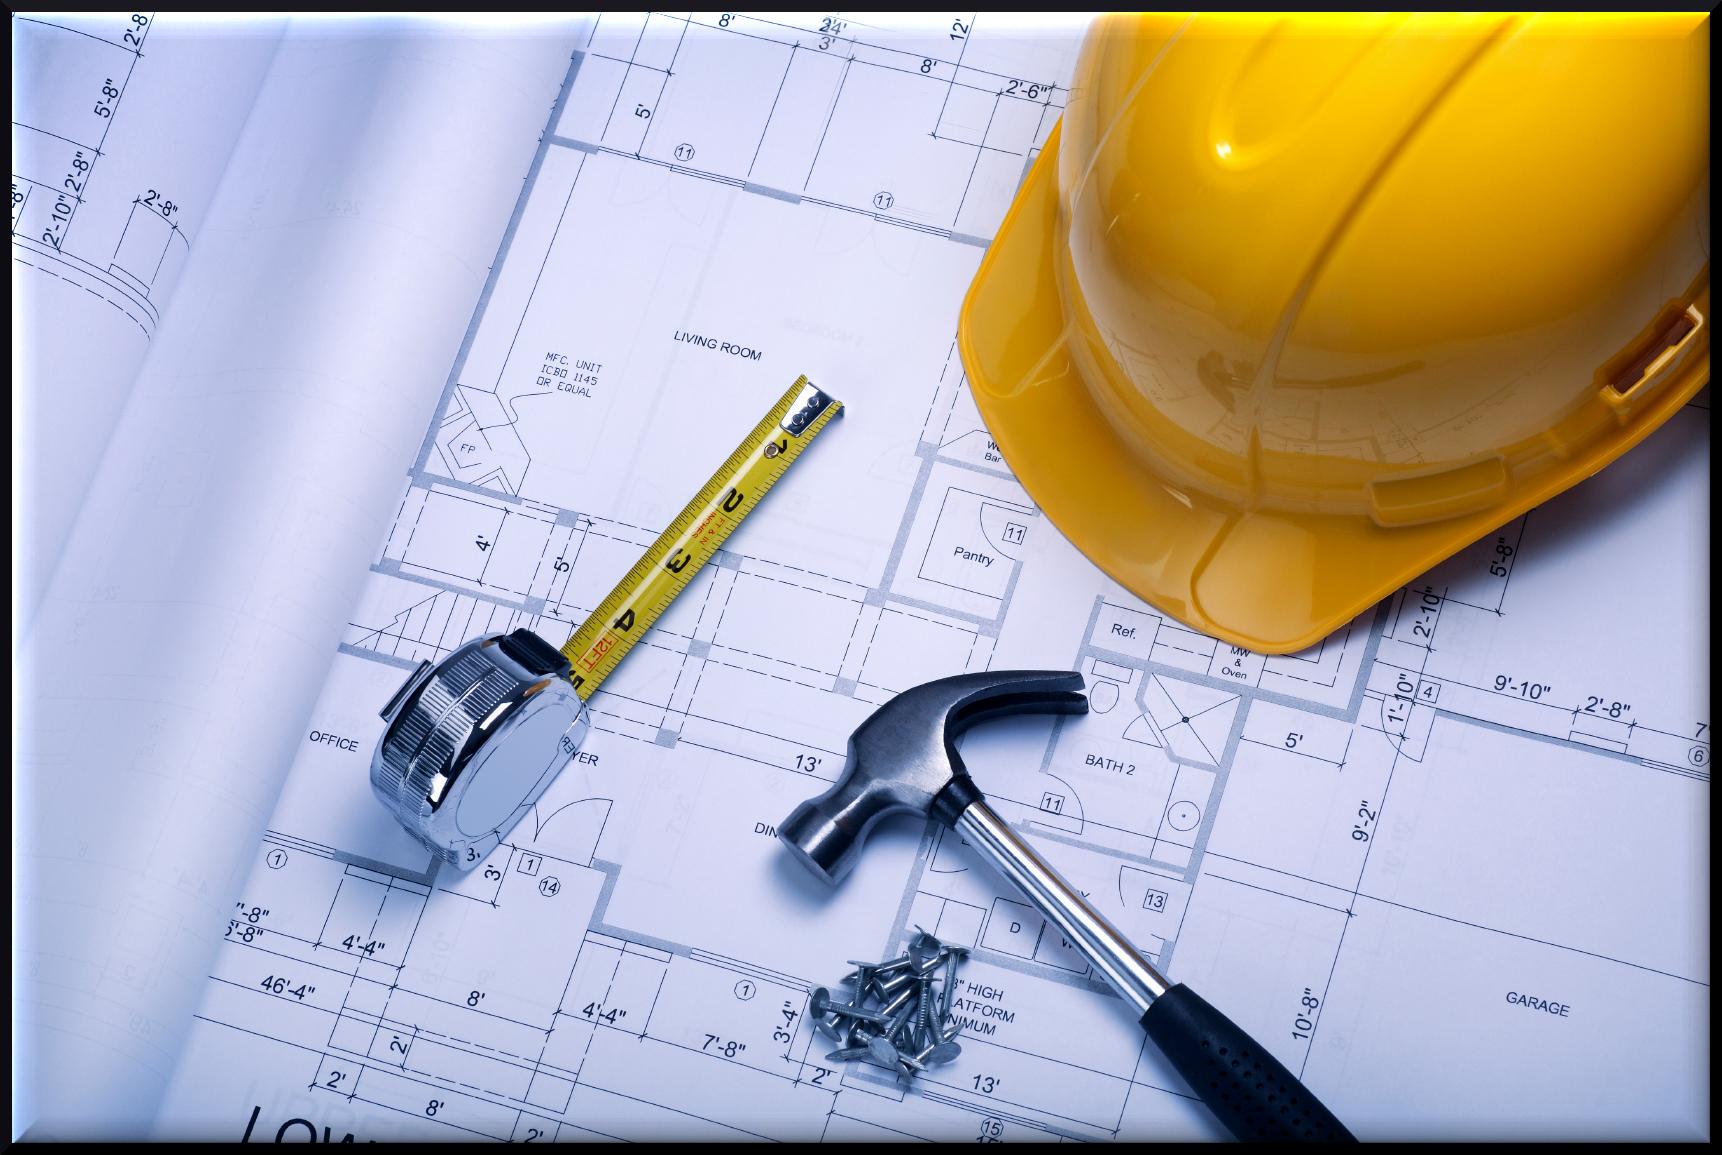 """Покупка имот на """"зелено"""", адвокат покупка недвижим имот в строеж, довършване на недвижим имот, правни проверки недвижим имот, прехвърляне недвижим имот след издваване Удостоверение за груб строеж, Удостоверение за въвеждане в експлоатация"""